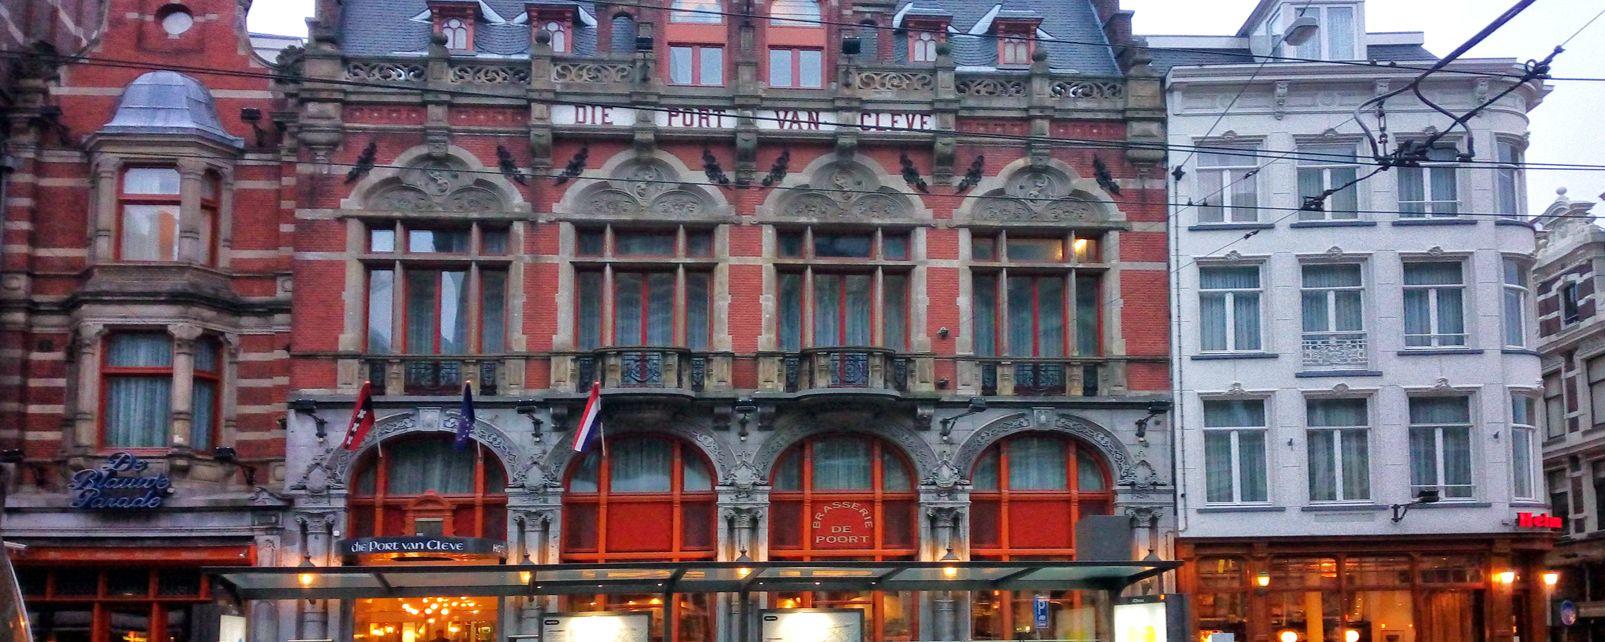 Hôtel Die Port Van Cleve